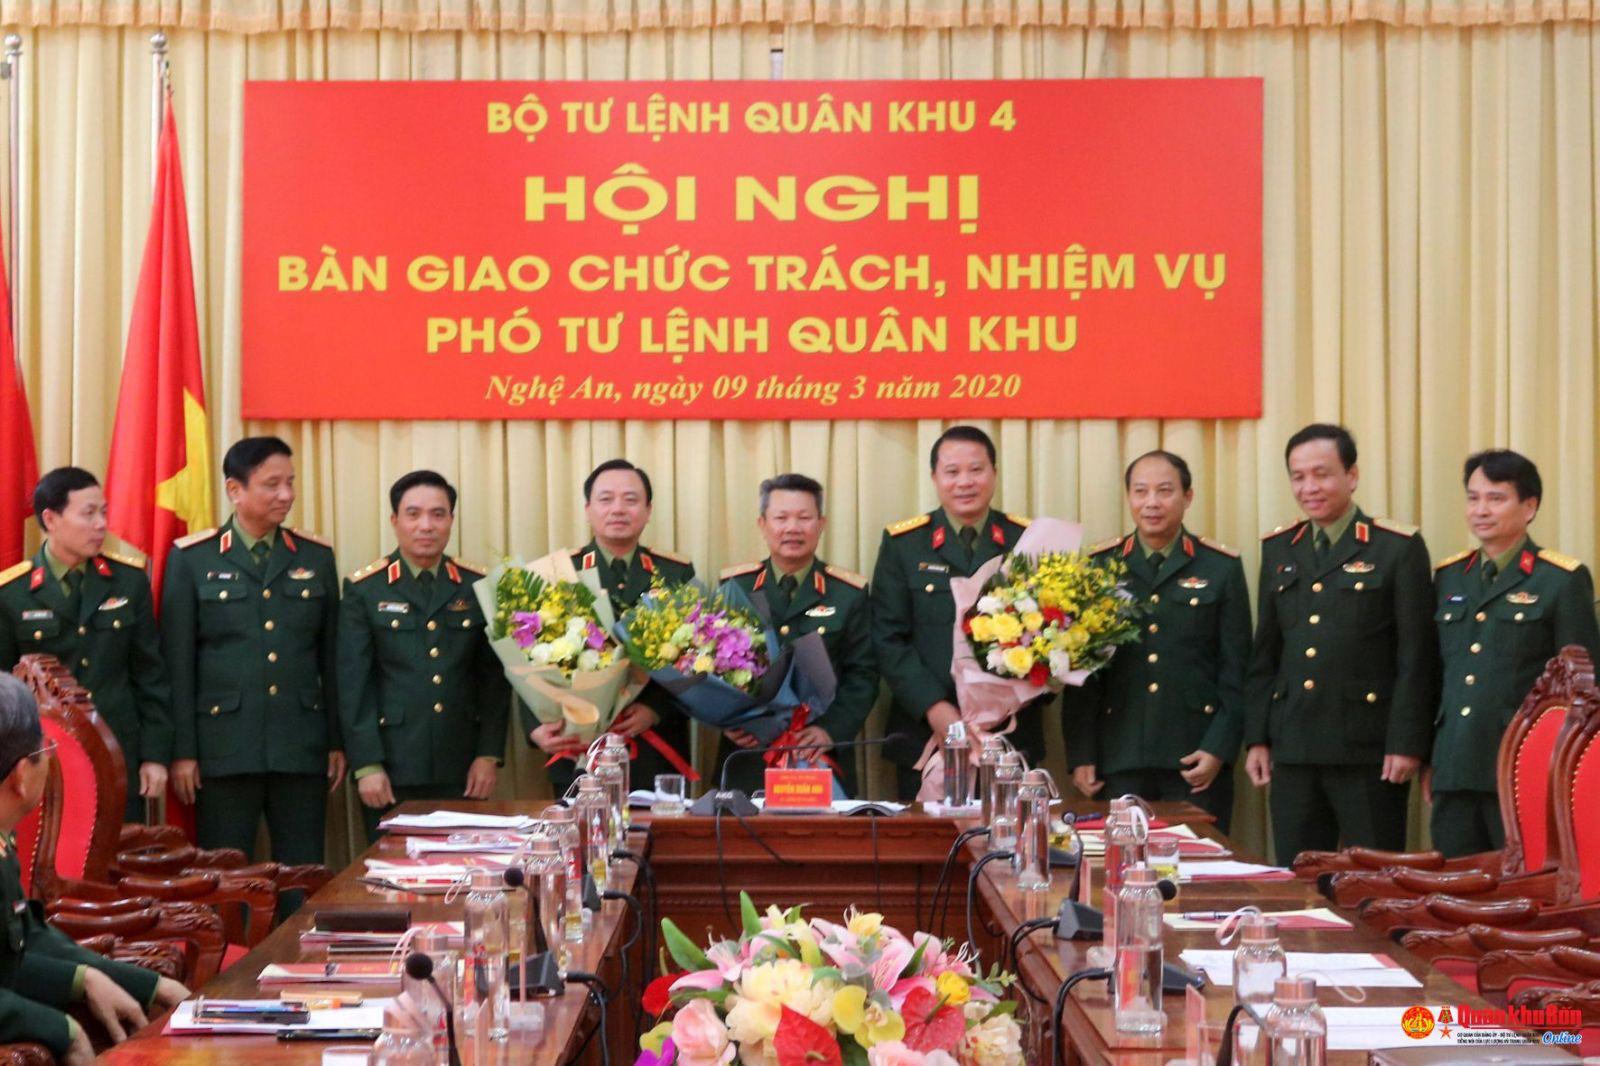 Thiếu tướng Nguyễn Anh Tuấn làm Phó Tư lệnh Quân khu 4 - Ảnh 1.